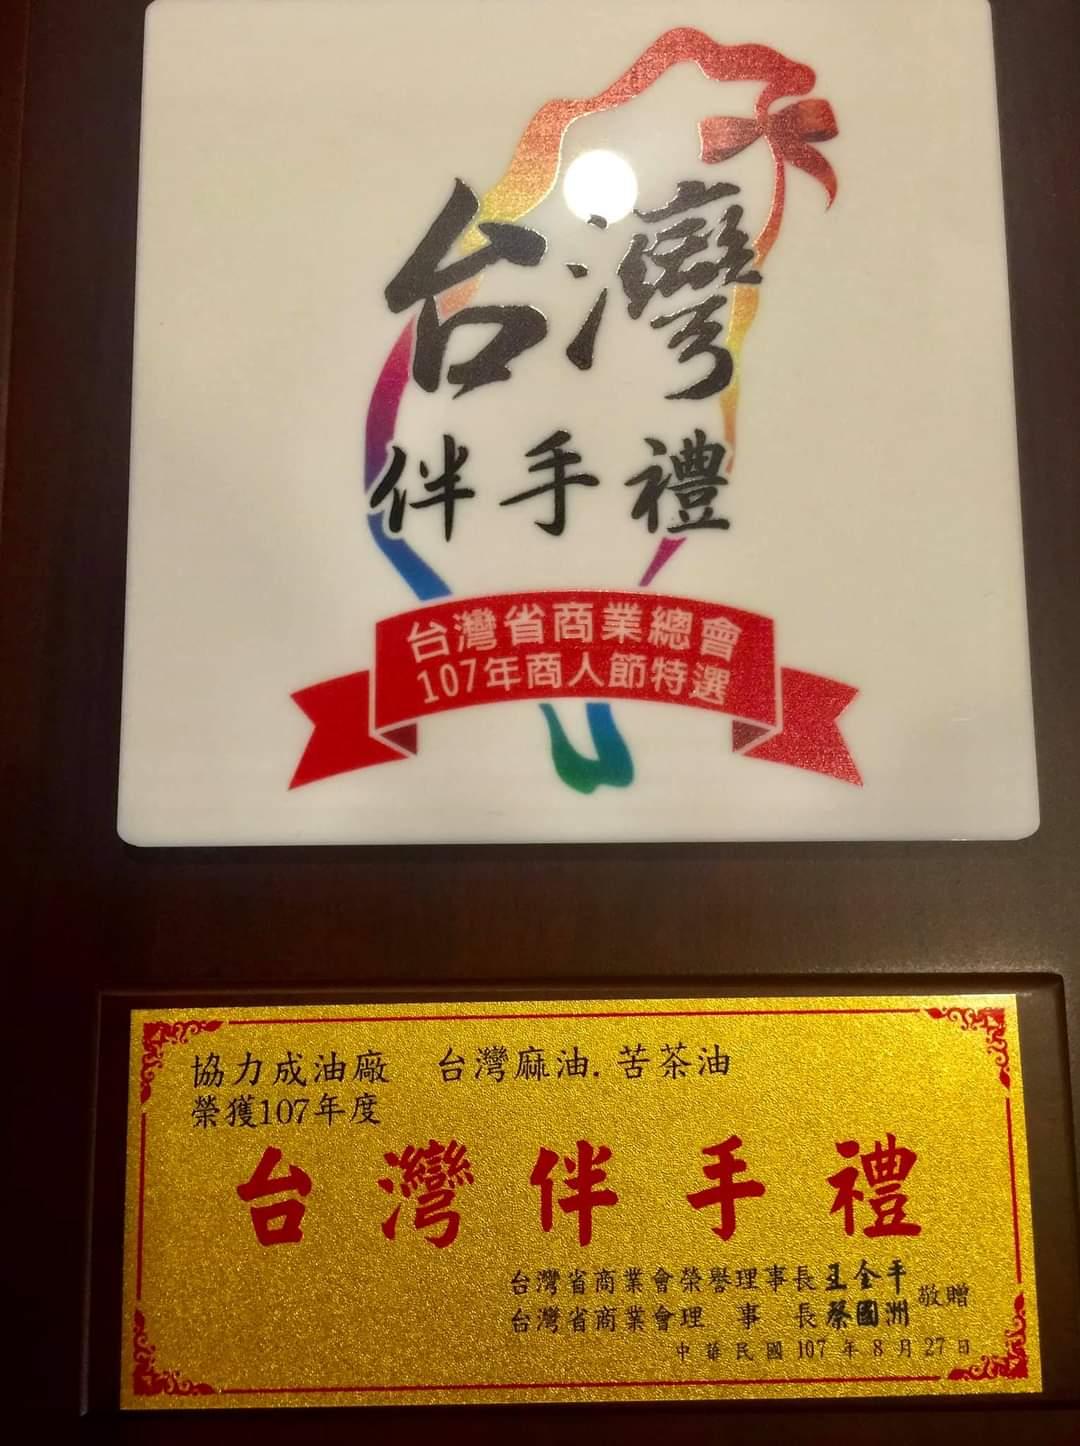 FB_IMG_1622697516447 - Ting Huang